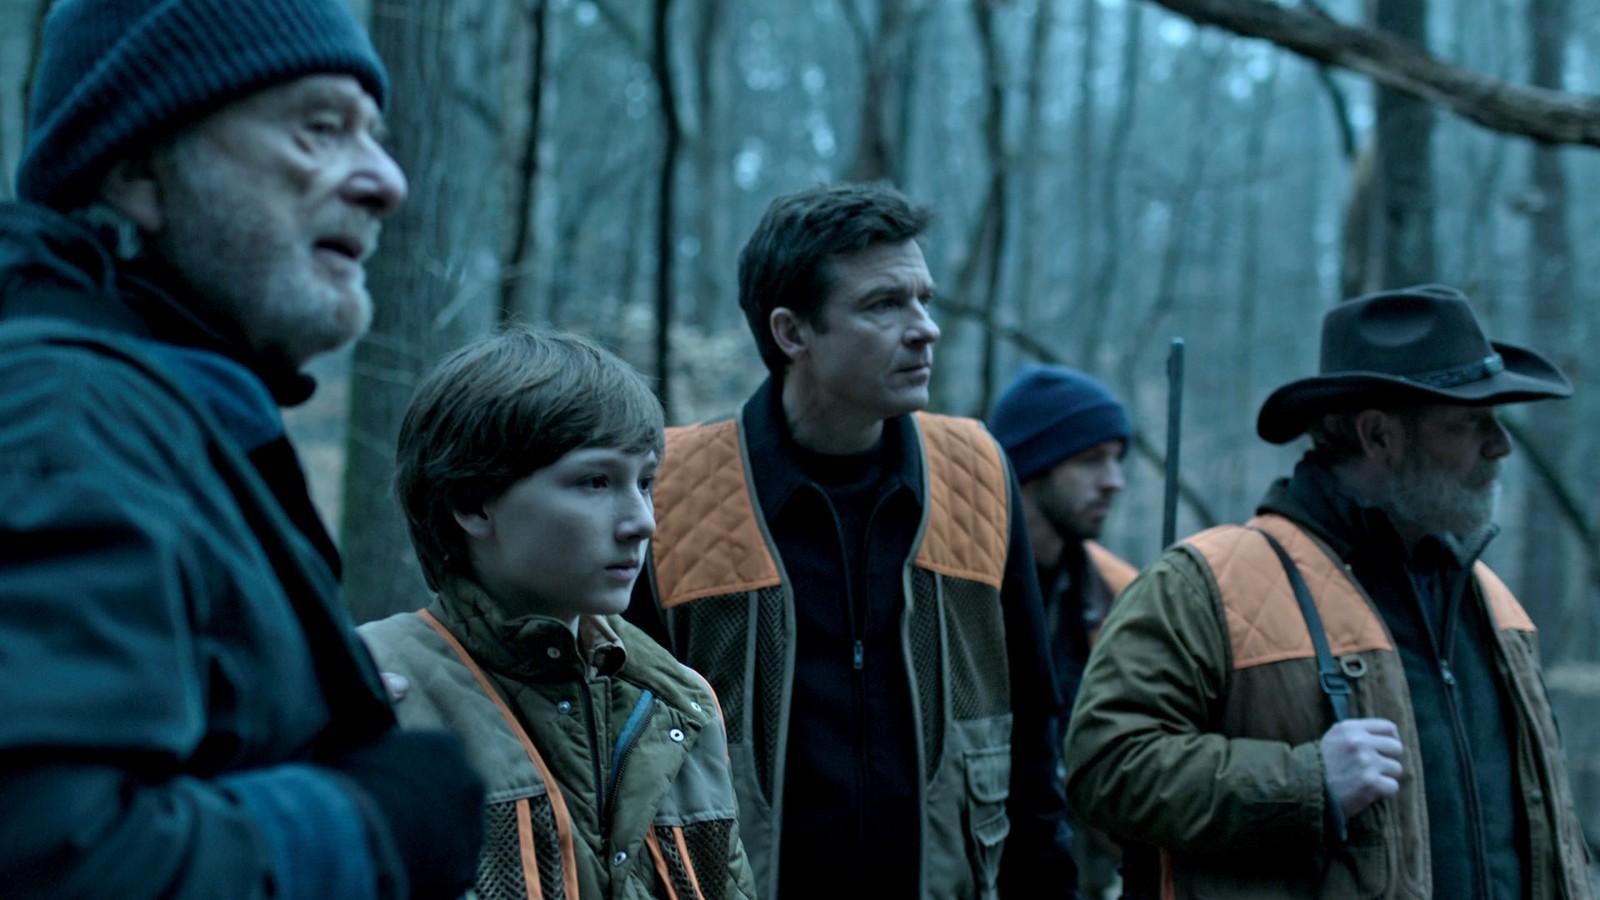 Ozark season 4 release date